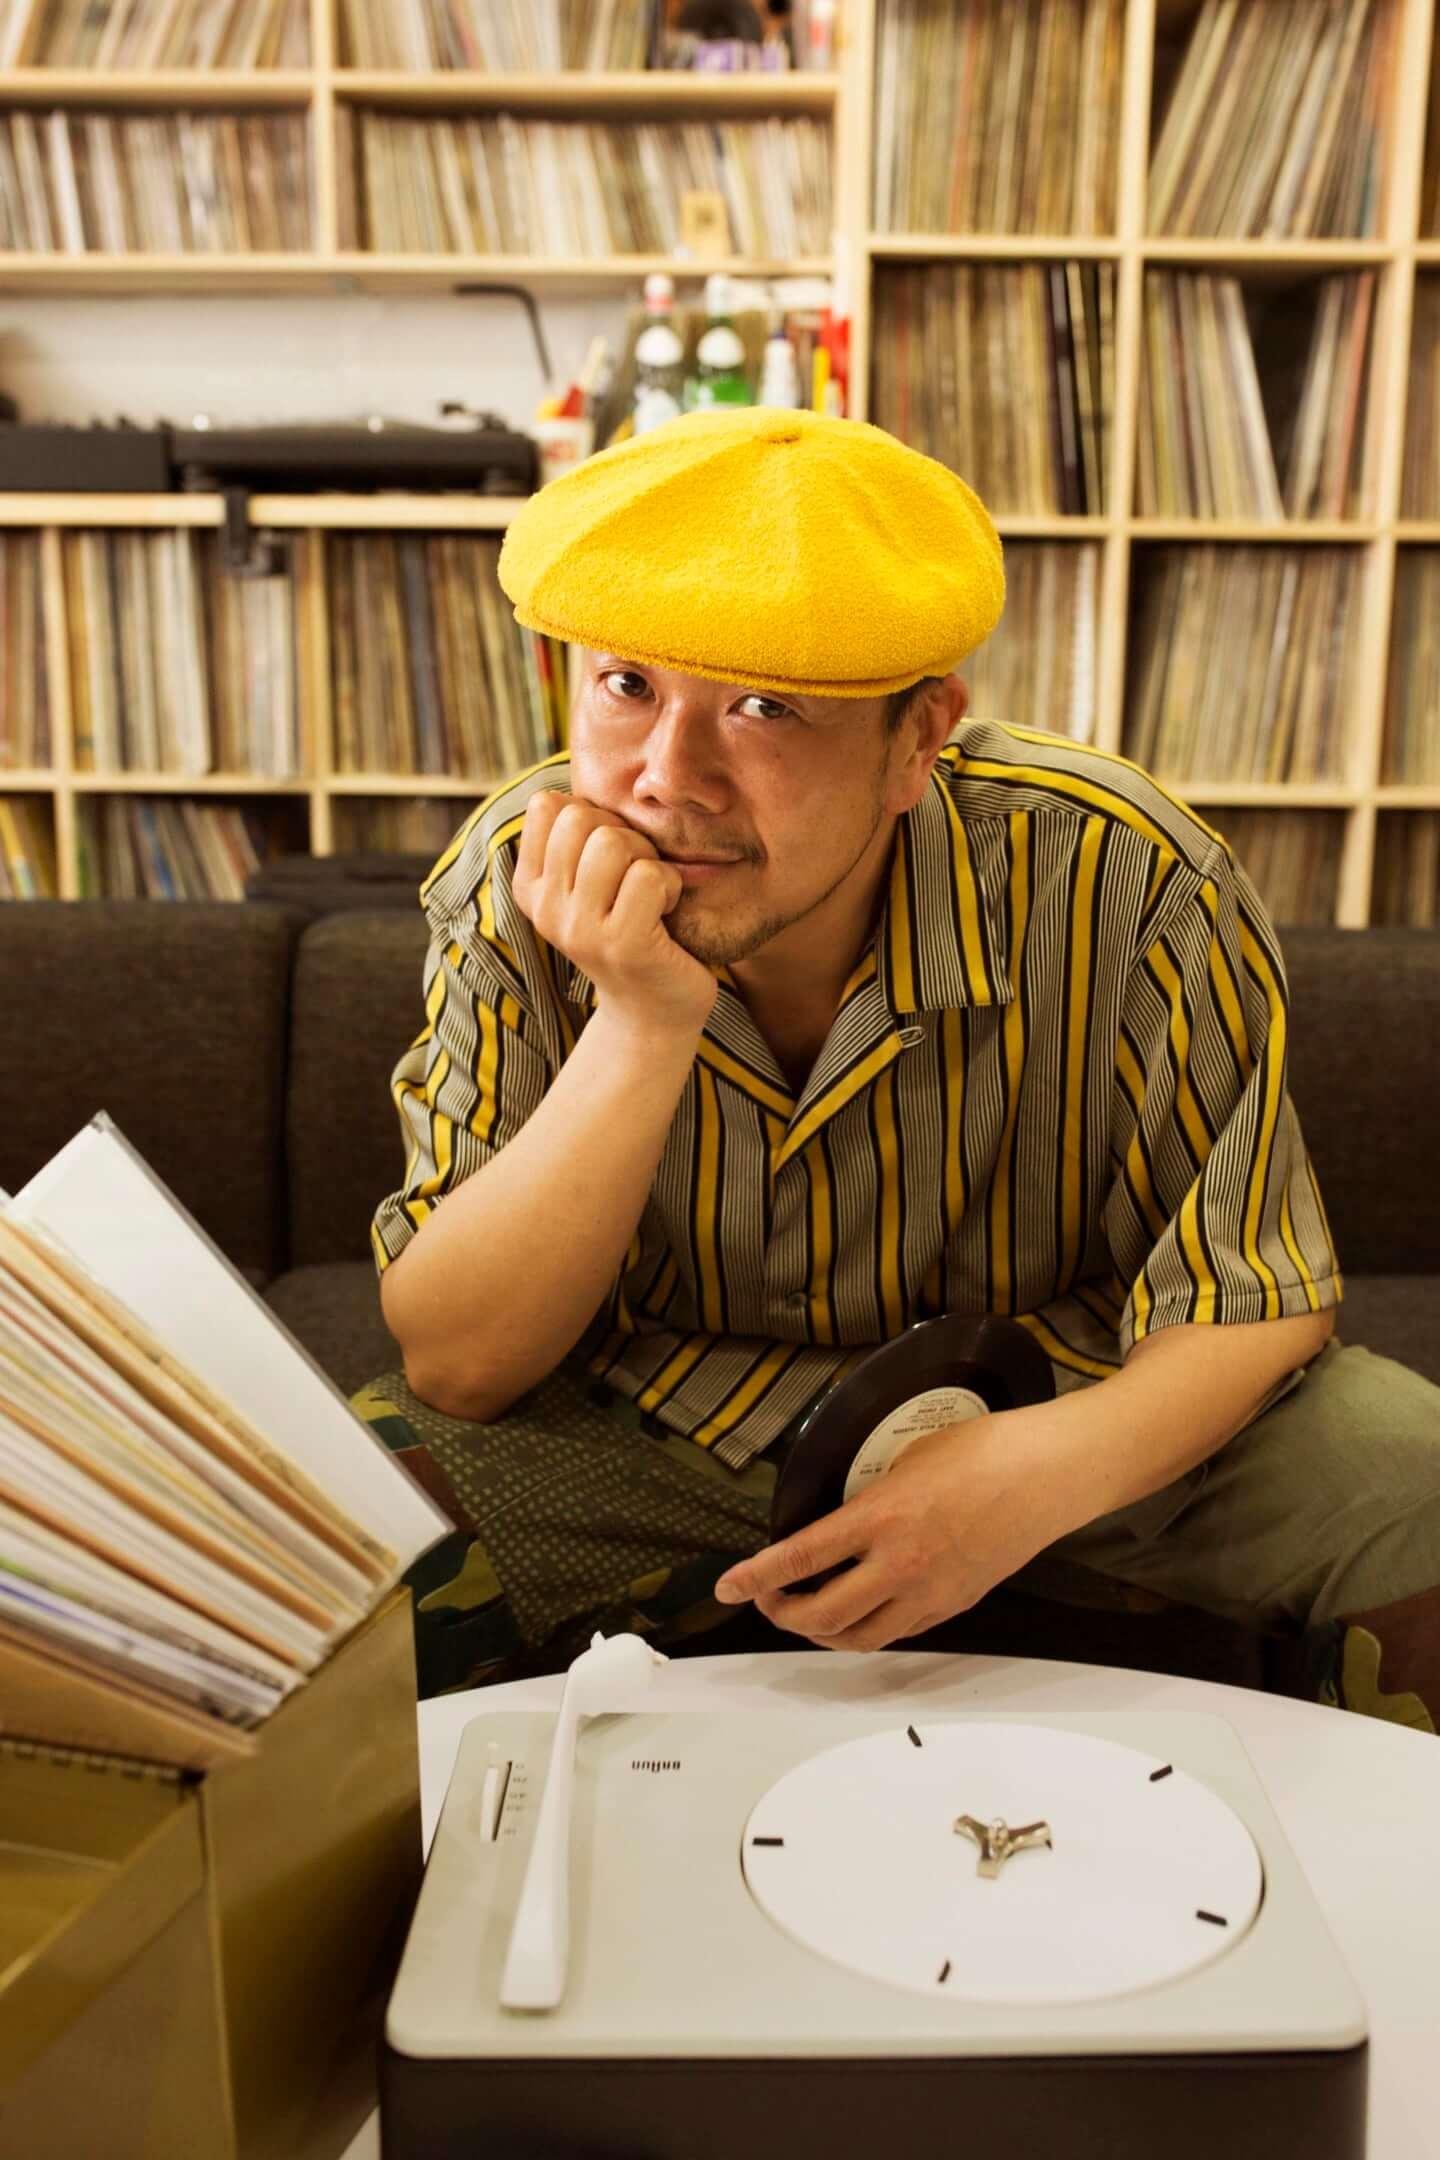 ルイ・ベガとケニー・ドープによる<MASTERS AT WORK in JAPAN>の第二弾ラインナップが発表|CAPTAIN VINYL、Kan Takagi、Kaoru Inoueらが登場 02_MURO-1440x2160